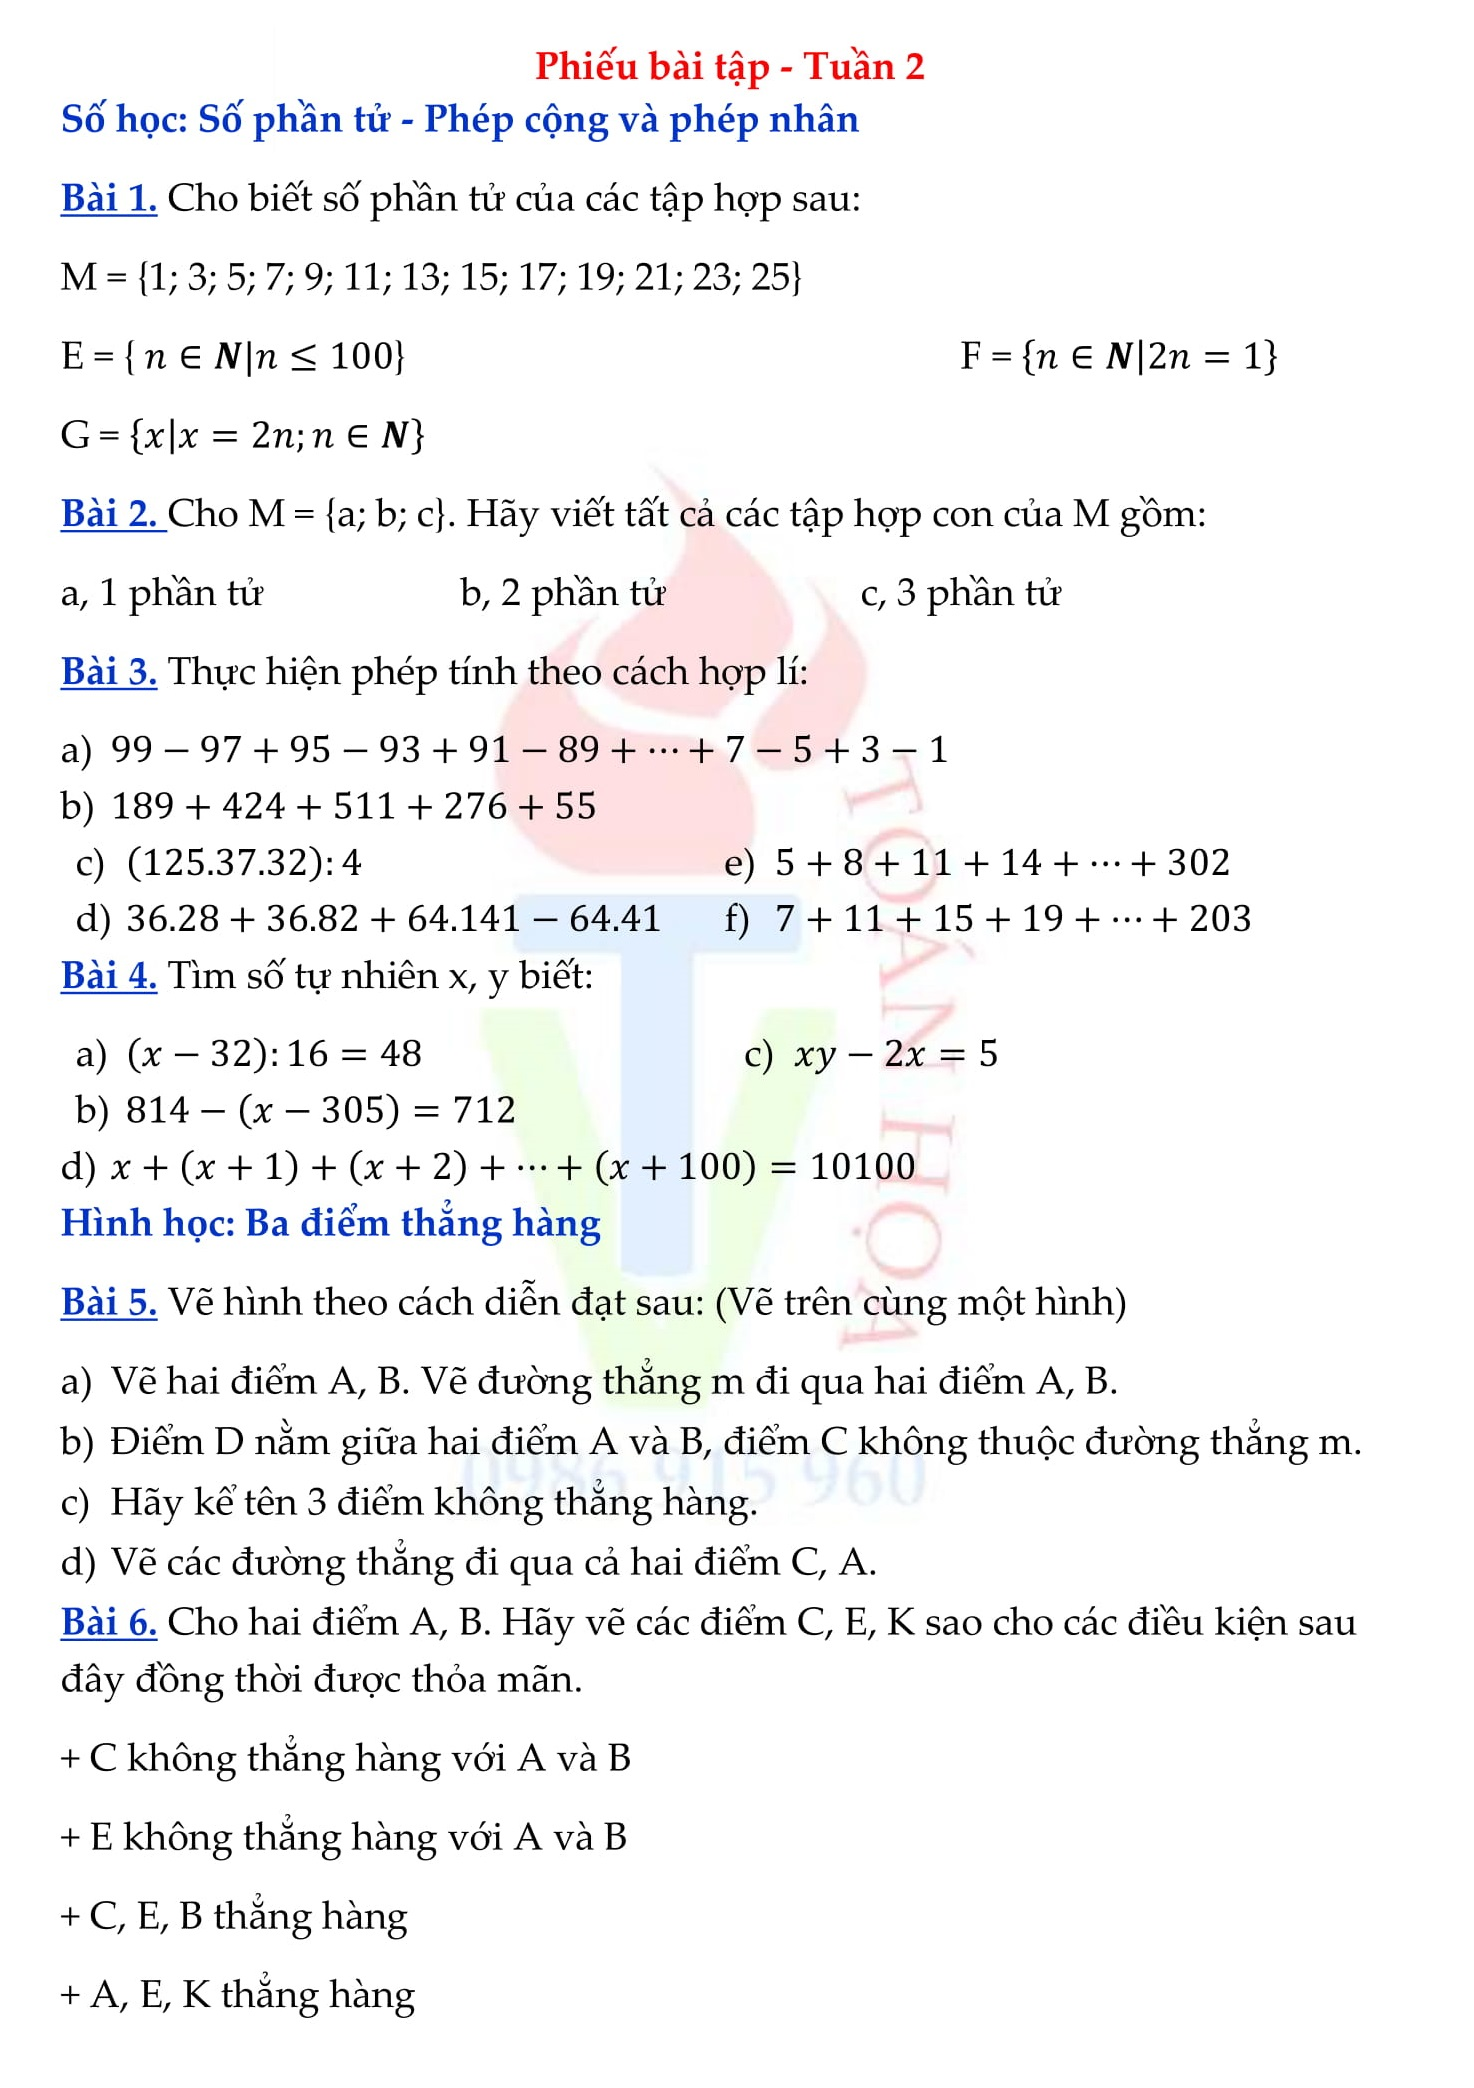 Phiếu bài tập Toán 6 được tổng hợp cho HK1 và HK2